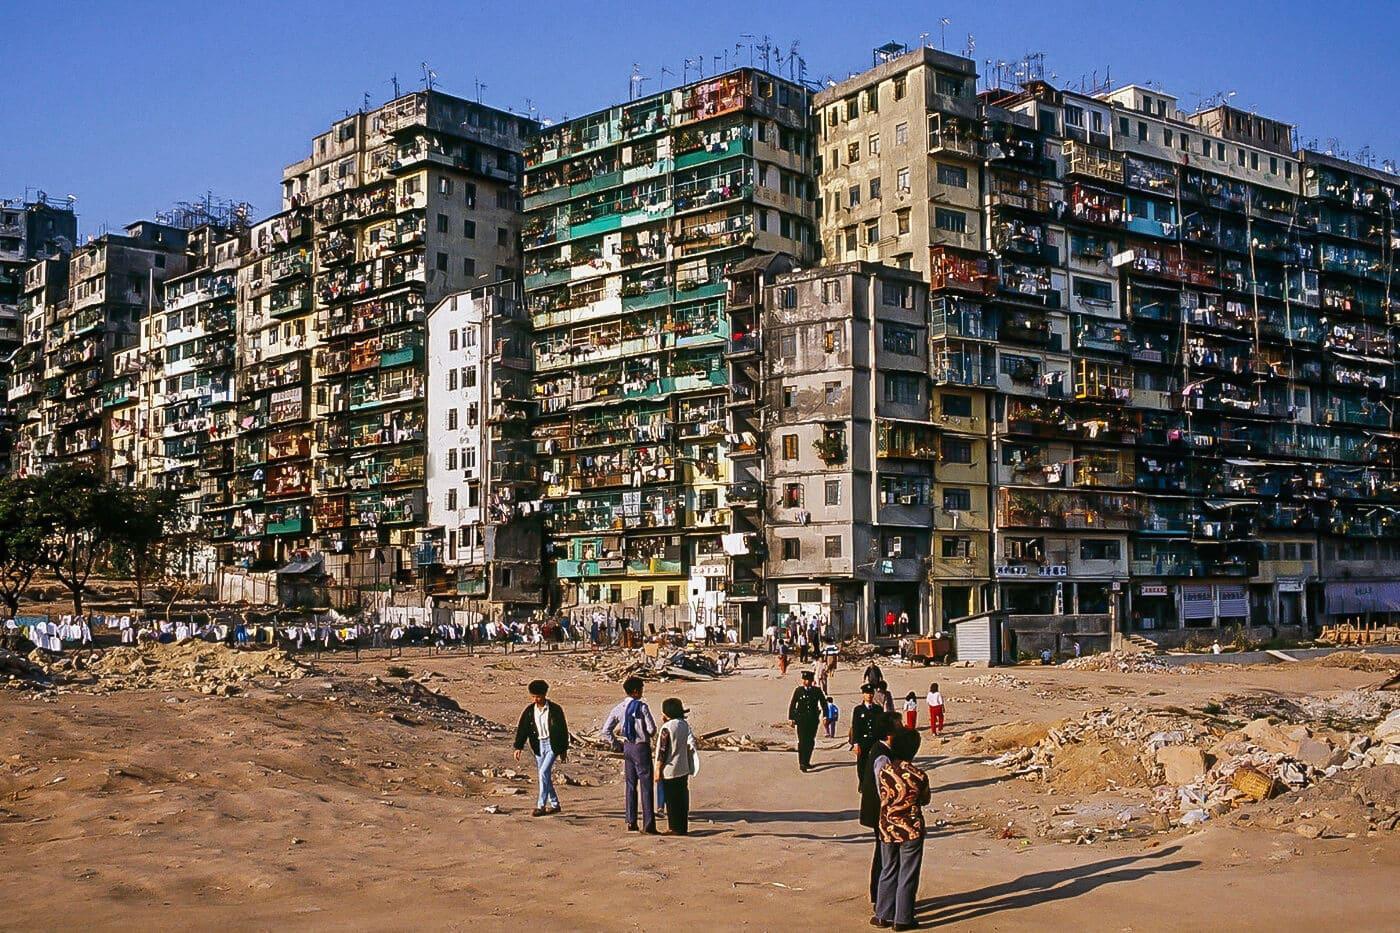 【世界のスラム街】一度入れば二度と出ることができない……かつて実在した東洋の暗黒迷宮「九龍城」<前編>